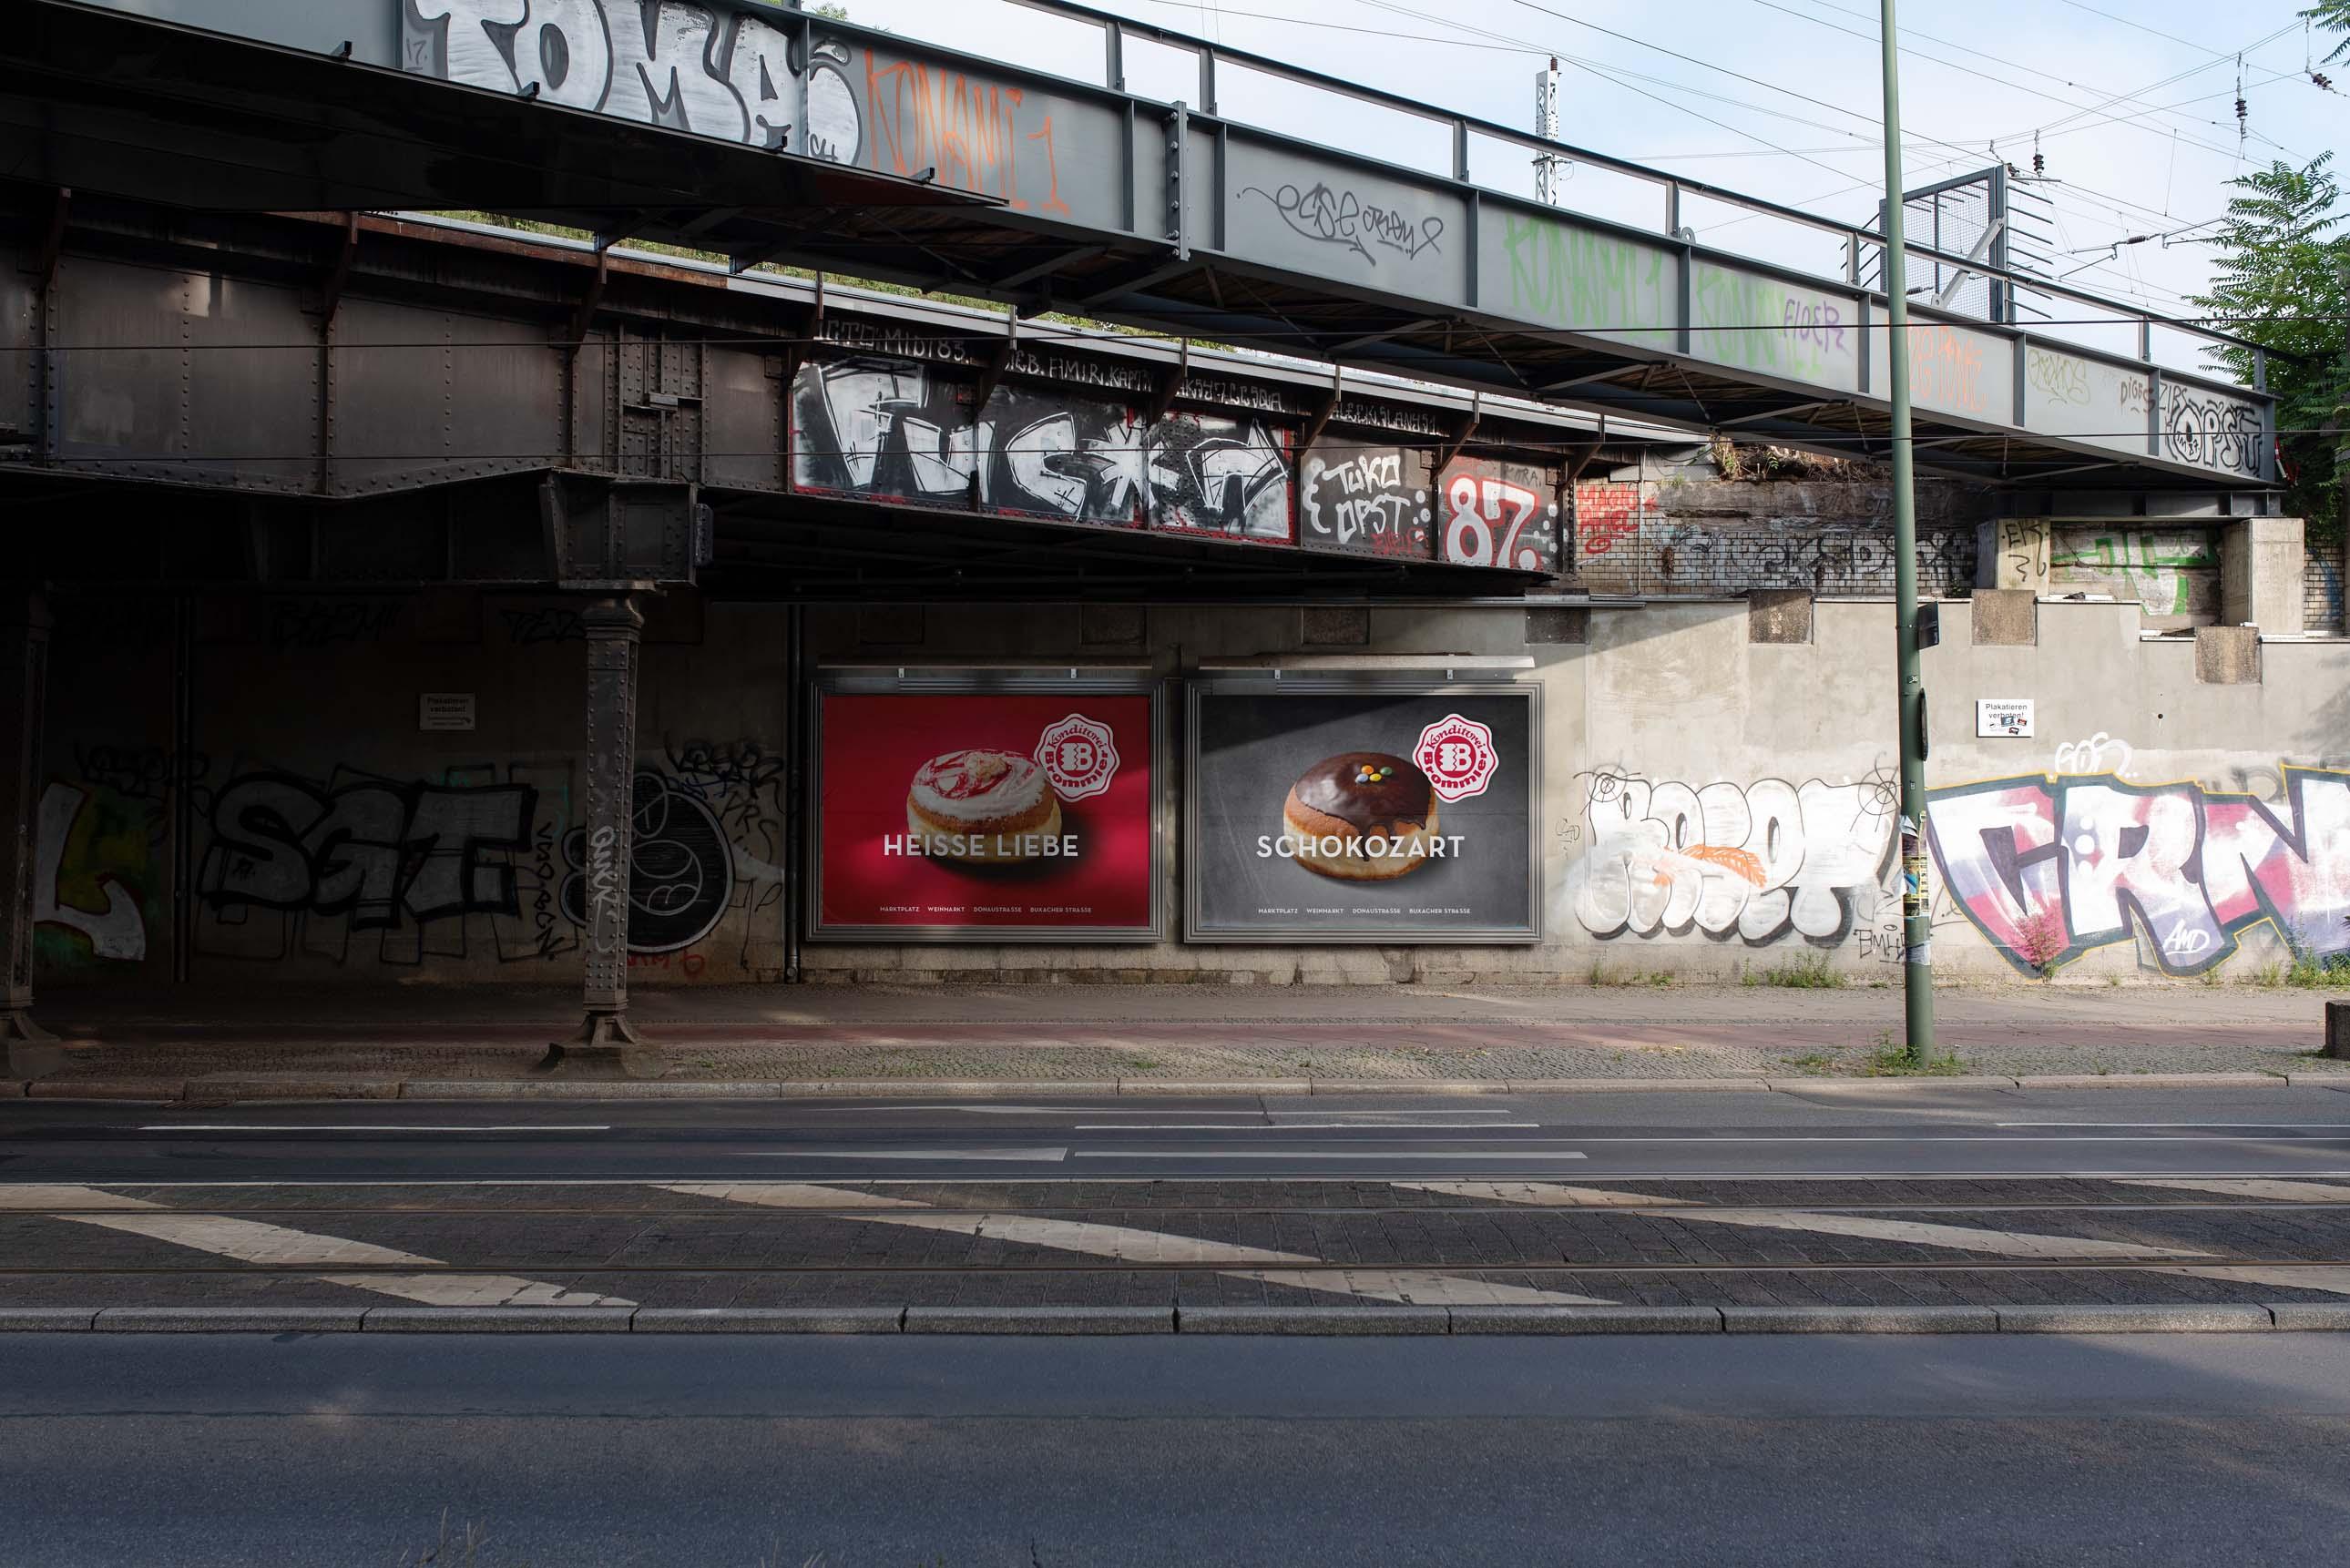 Außenwerbung mit großen Plakaten und starken Image-Motiven